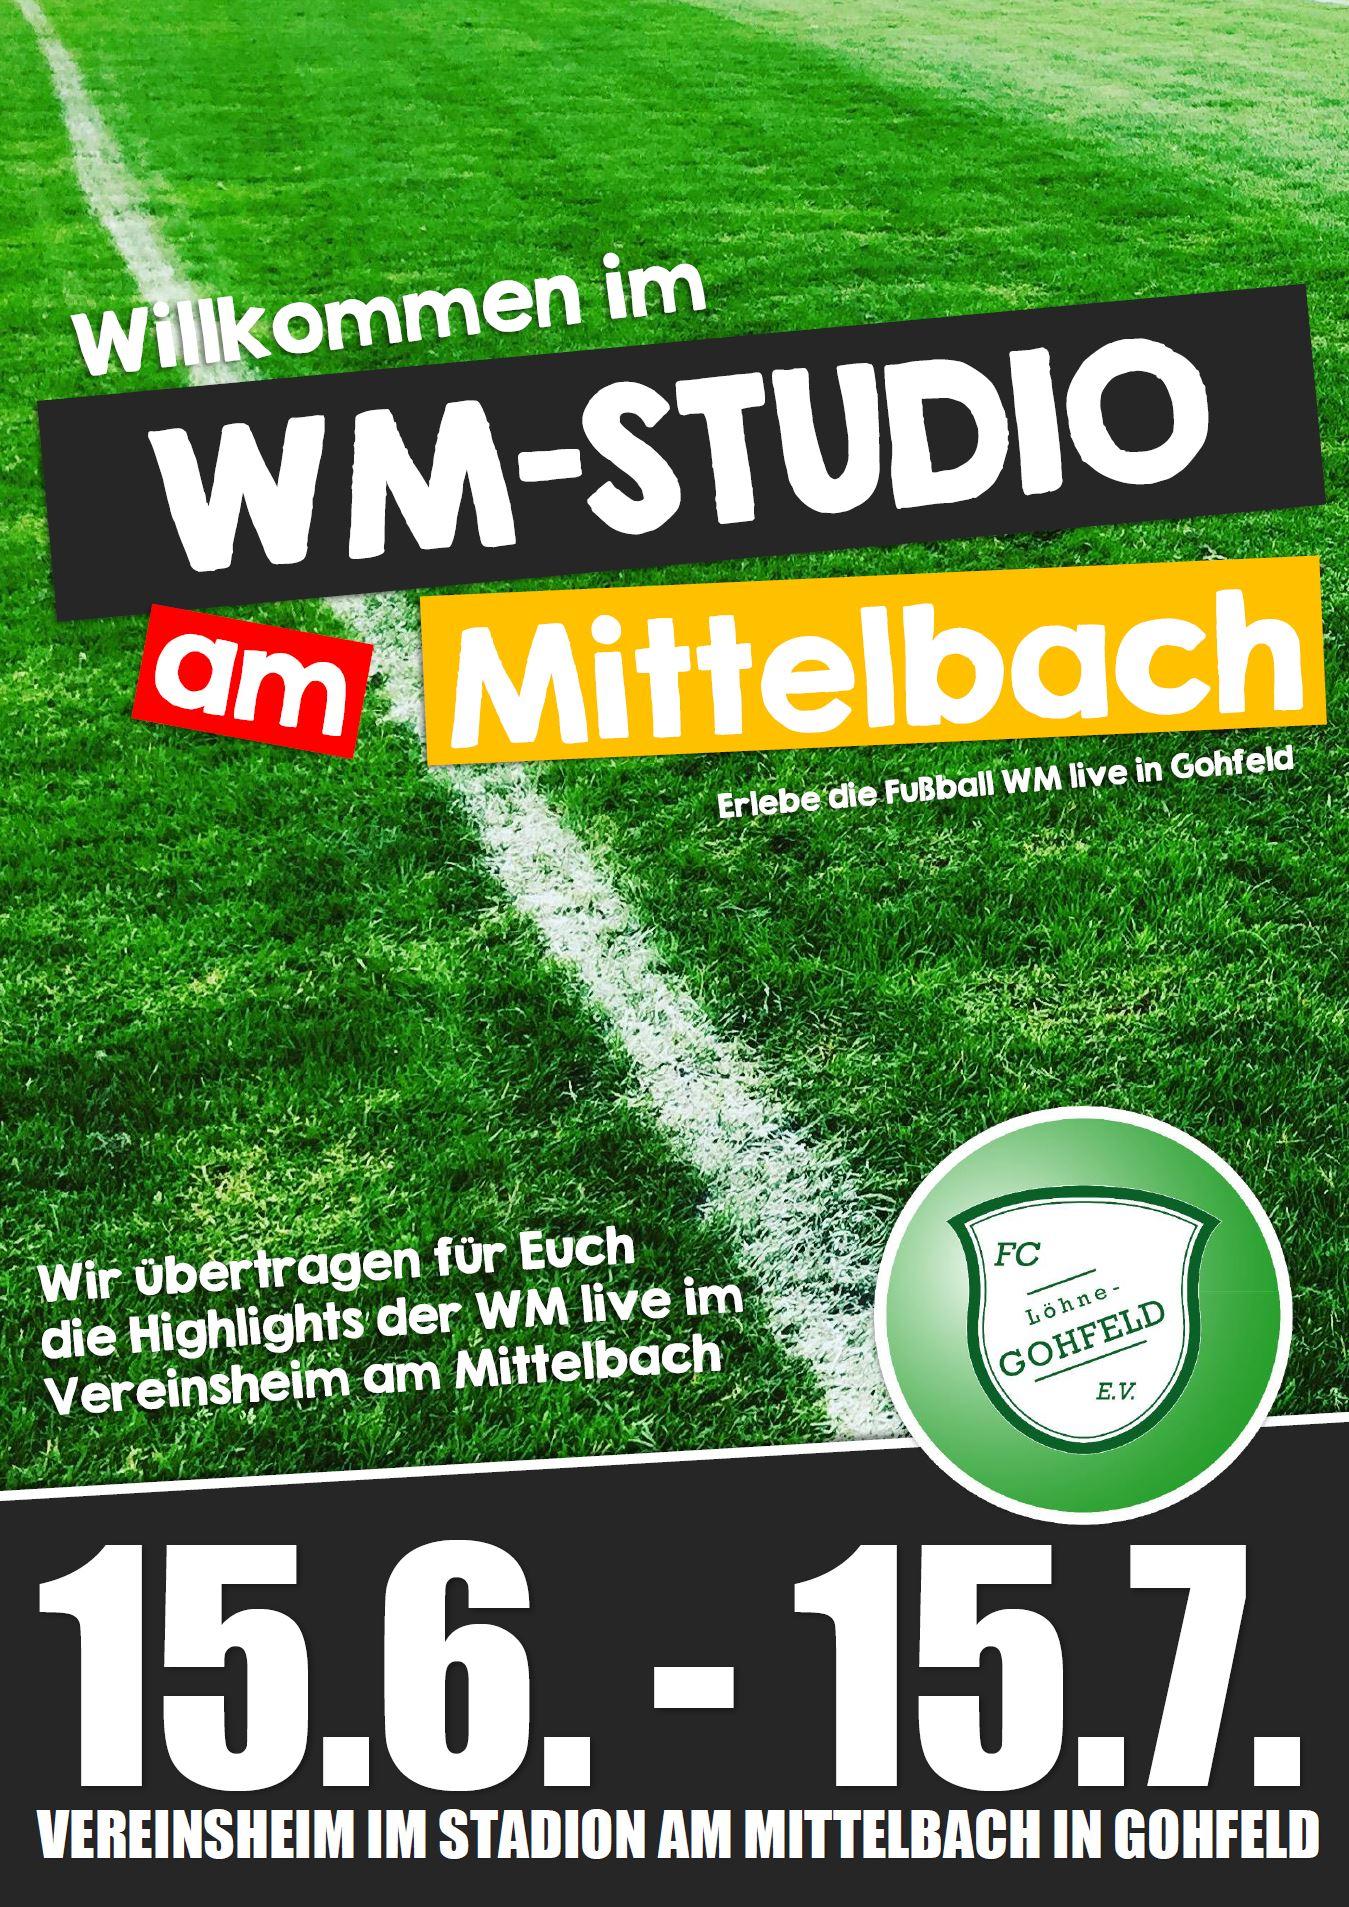 WM-Studio am Mittelbach